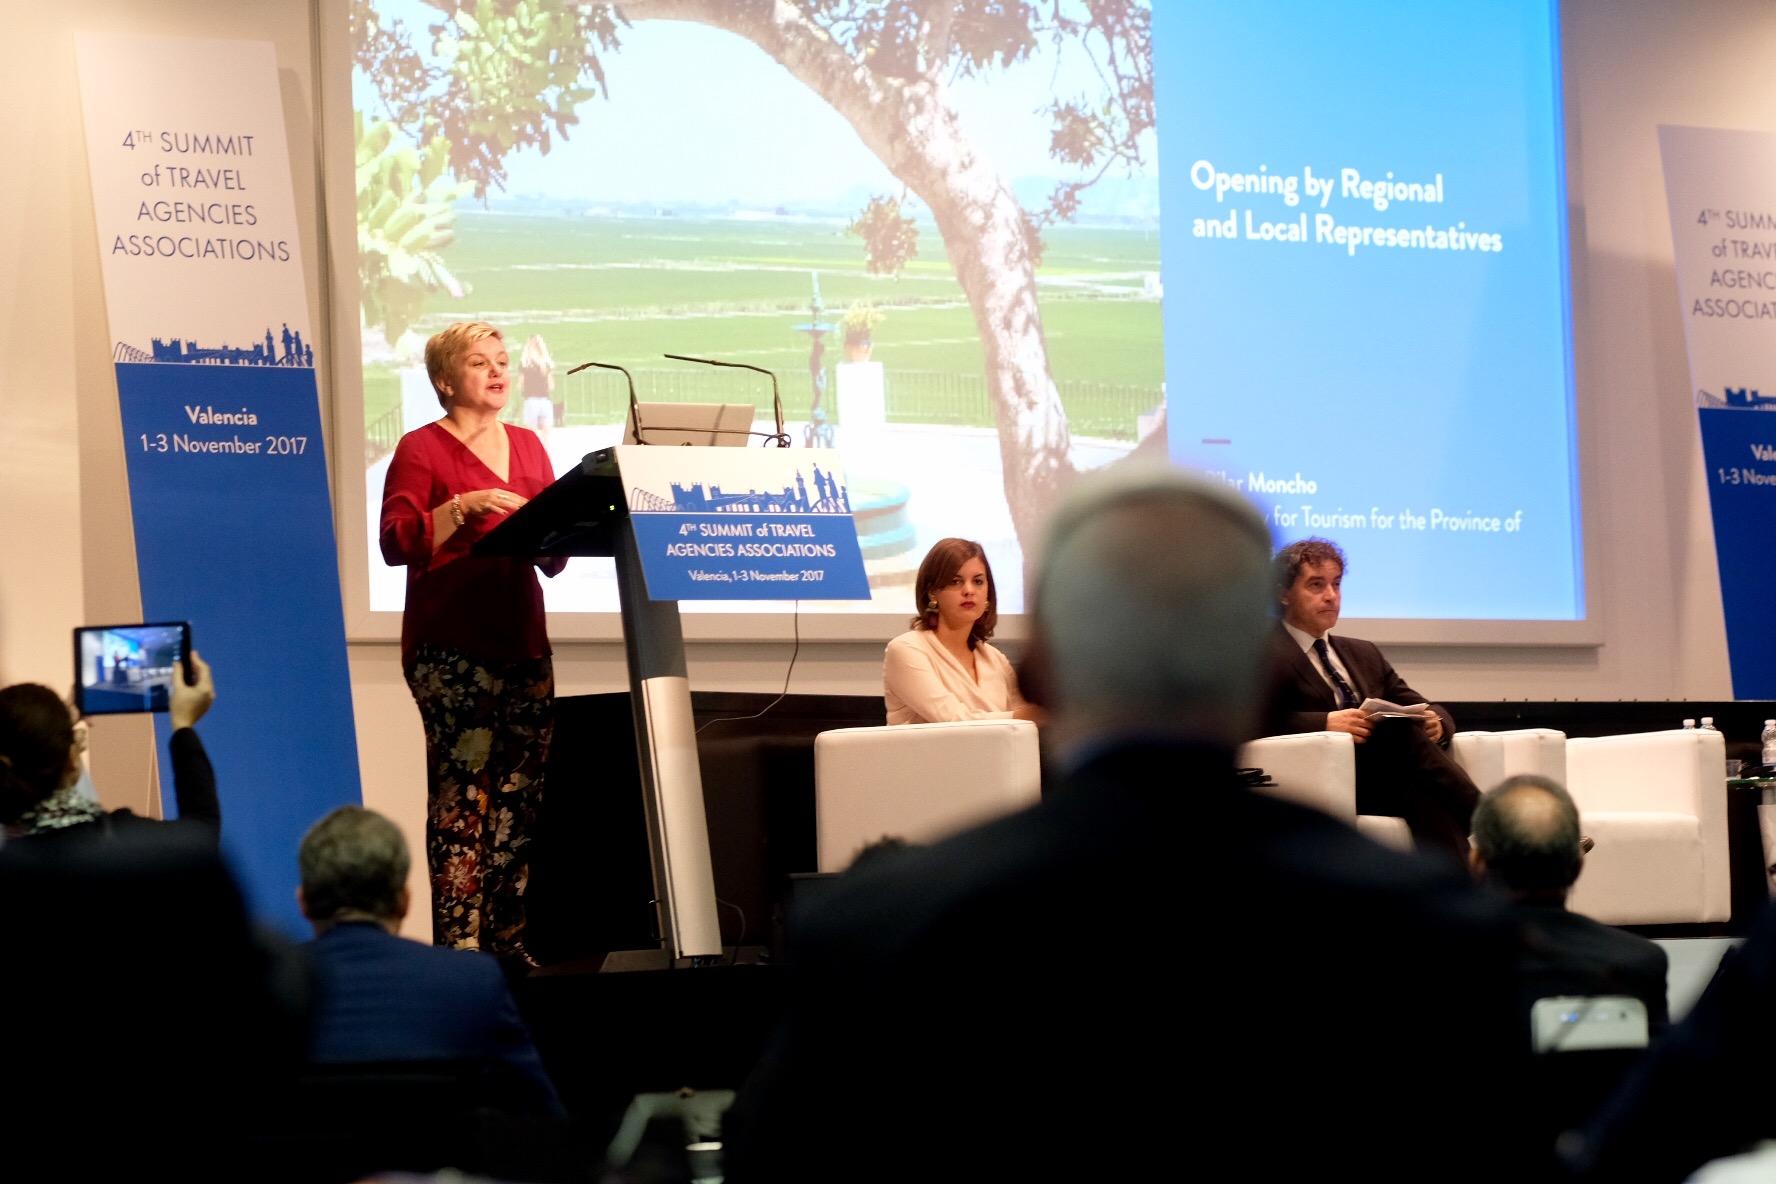 La diputada de Turismo de la Diputación durante la apertura de la IV Cumbre Mundial de Agencias de Viajes.